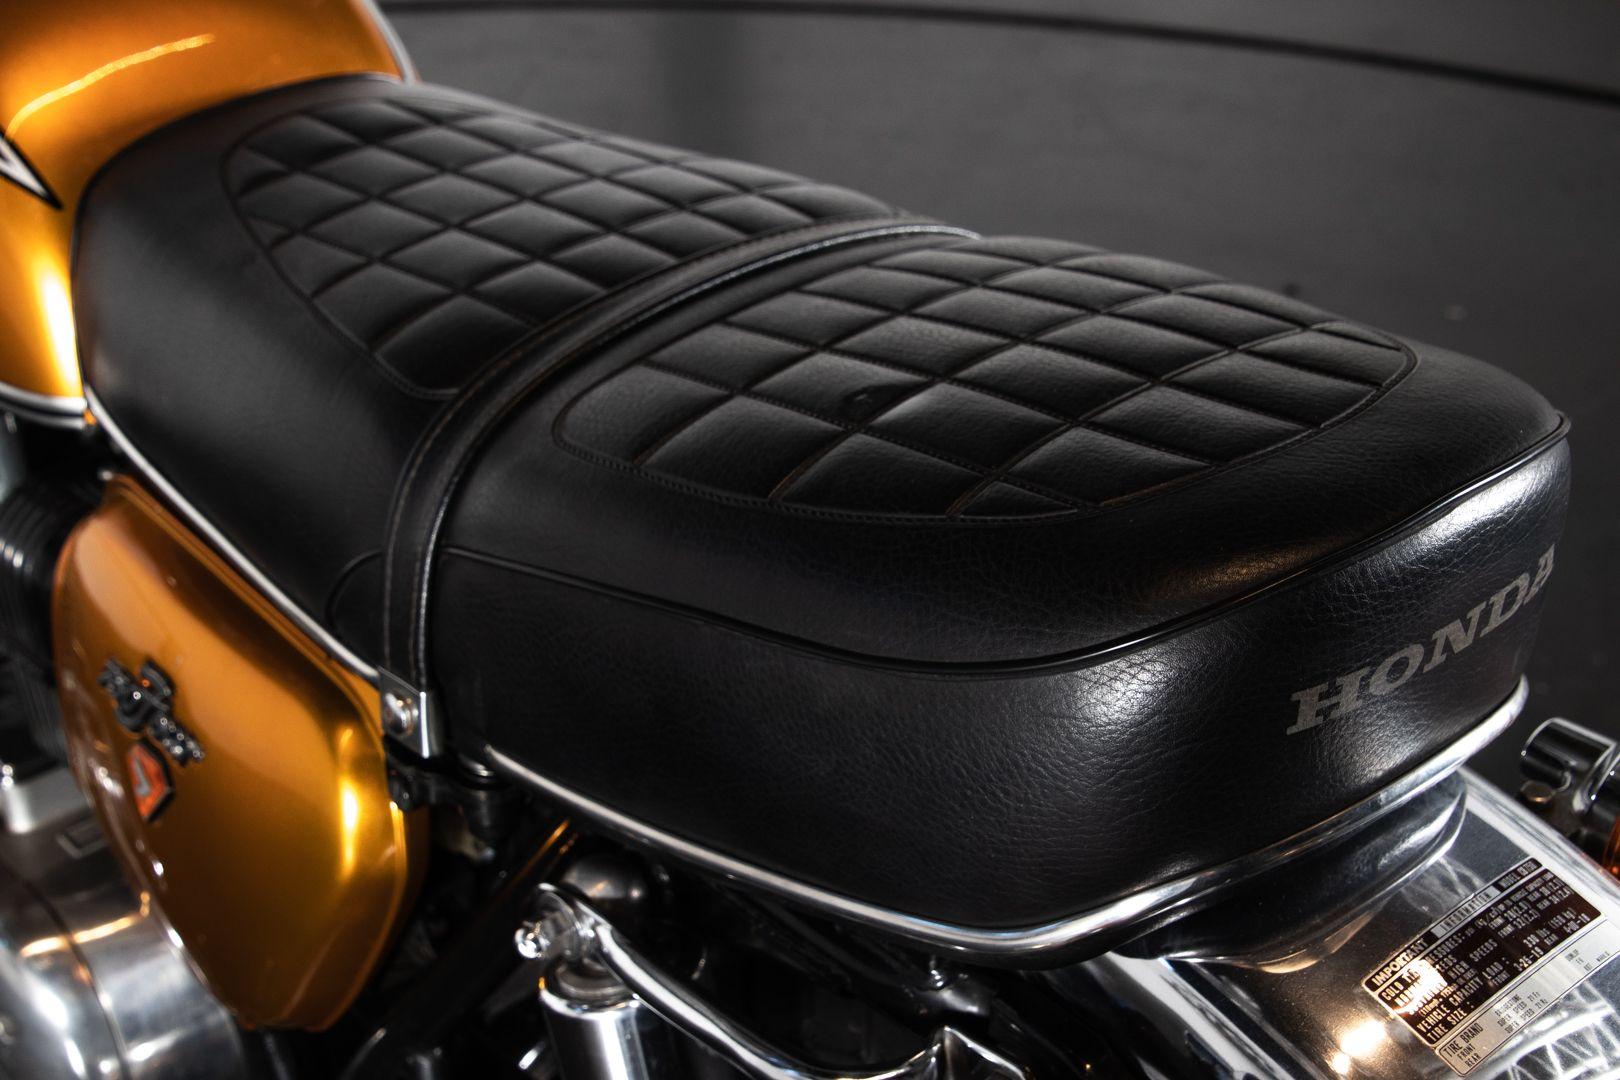 1972 Honda CB 750 Four 46595